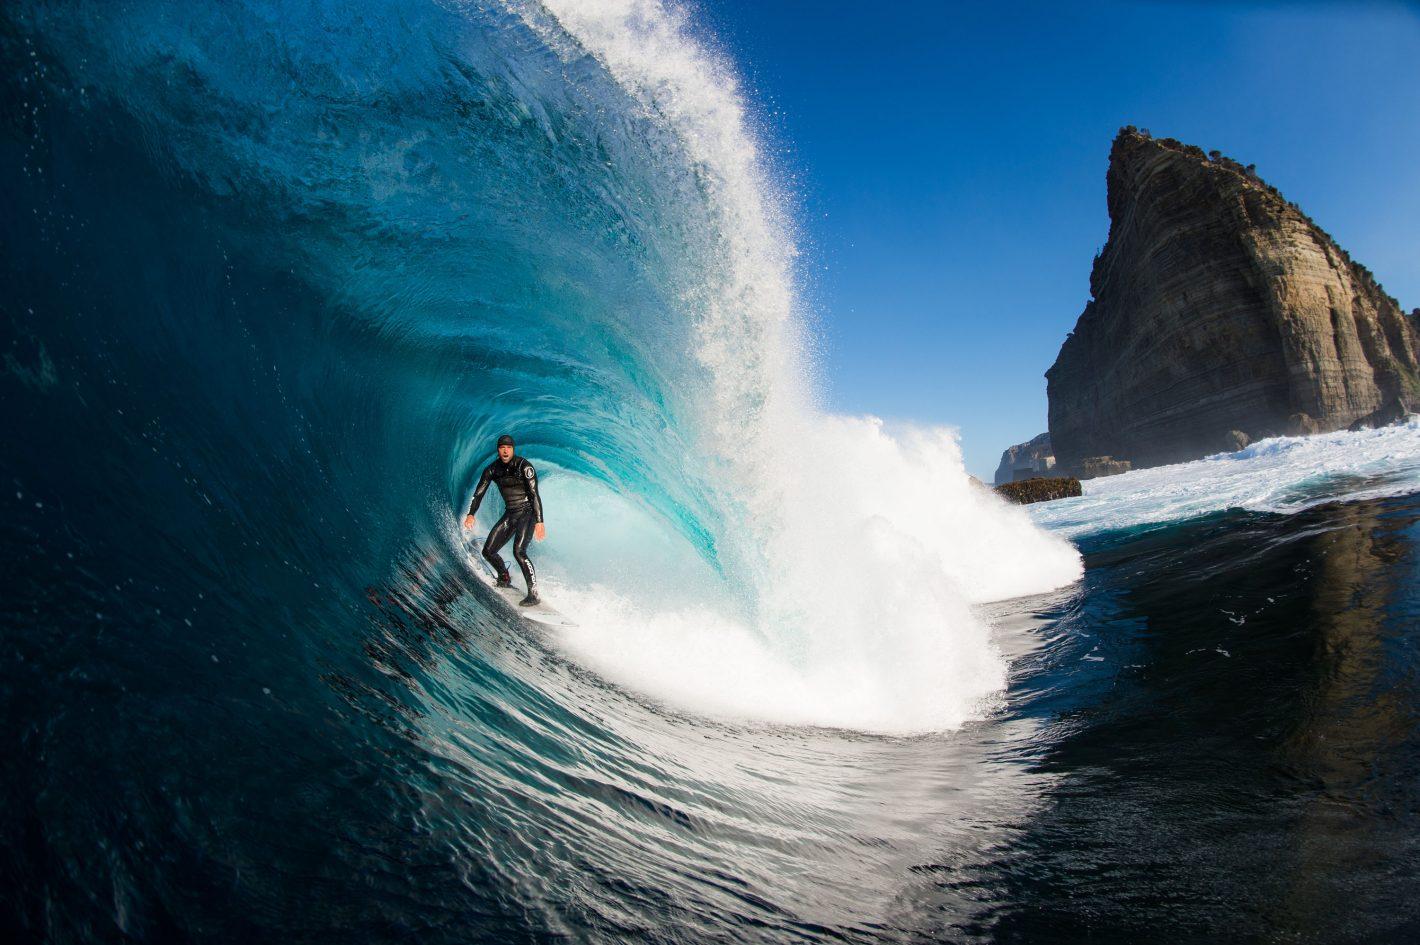 Stuart Gibson face à la puissance et la beauté de l'océan